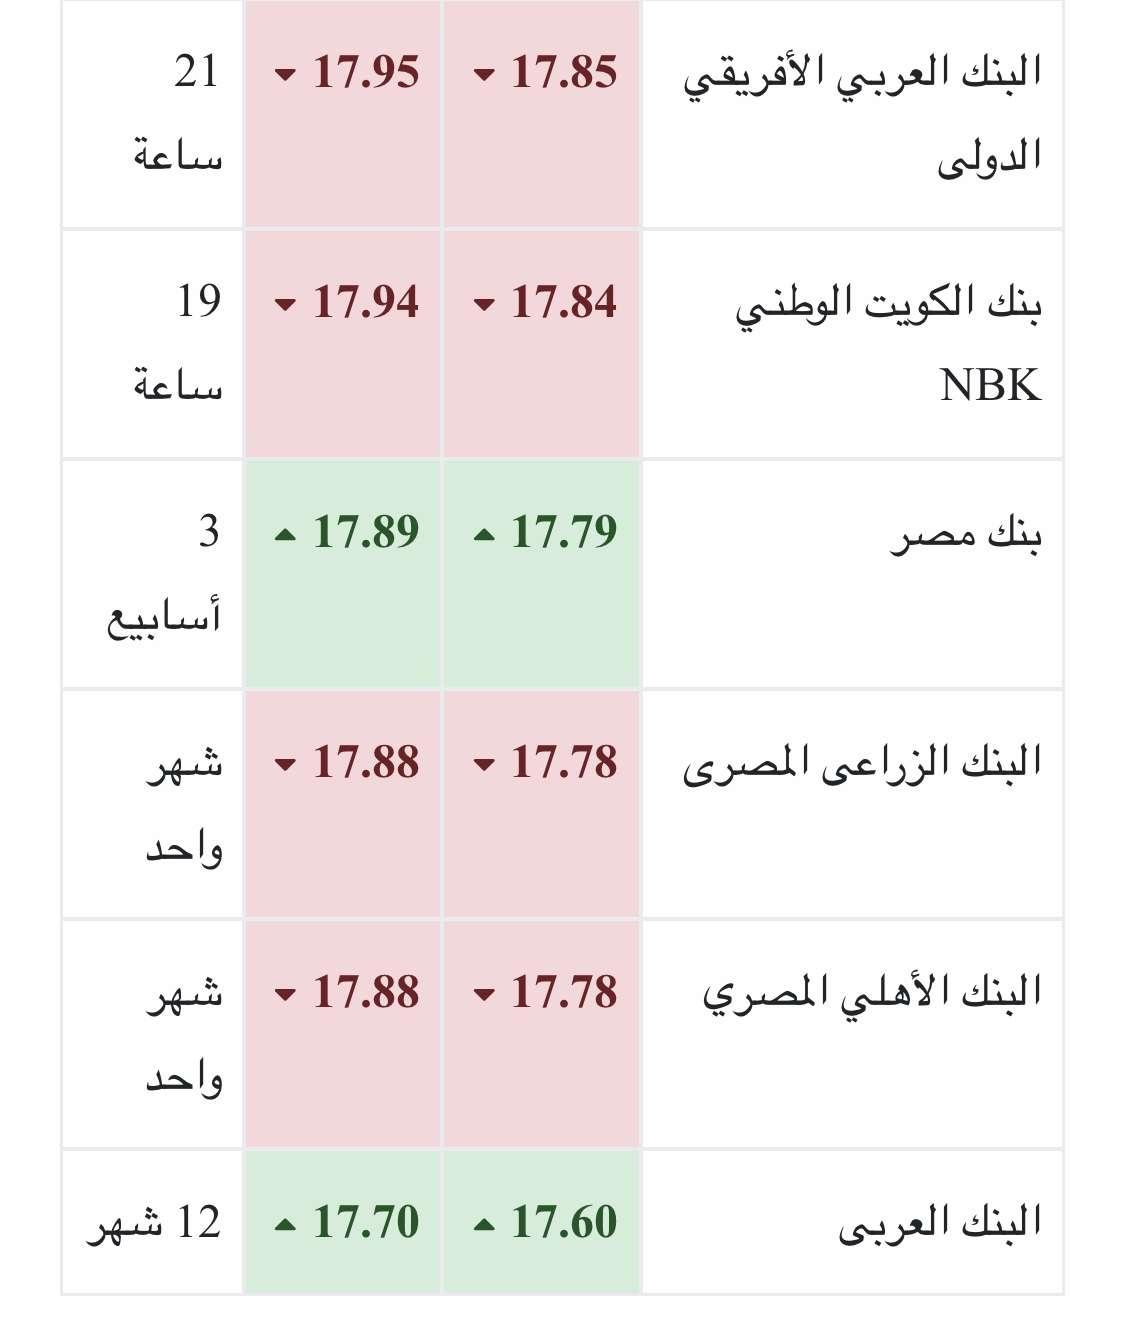 سعر الدولار اليوم الجمعة 5- 10-2018 بالبنوك المصرية والسوق السوداء